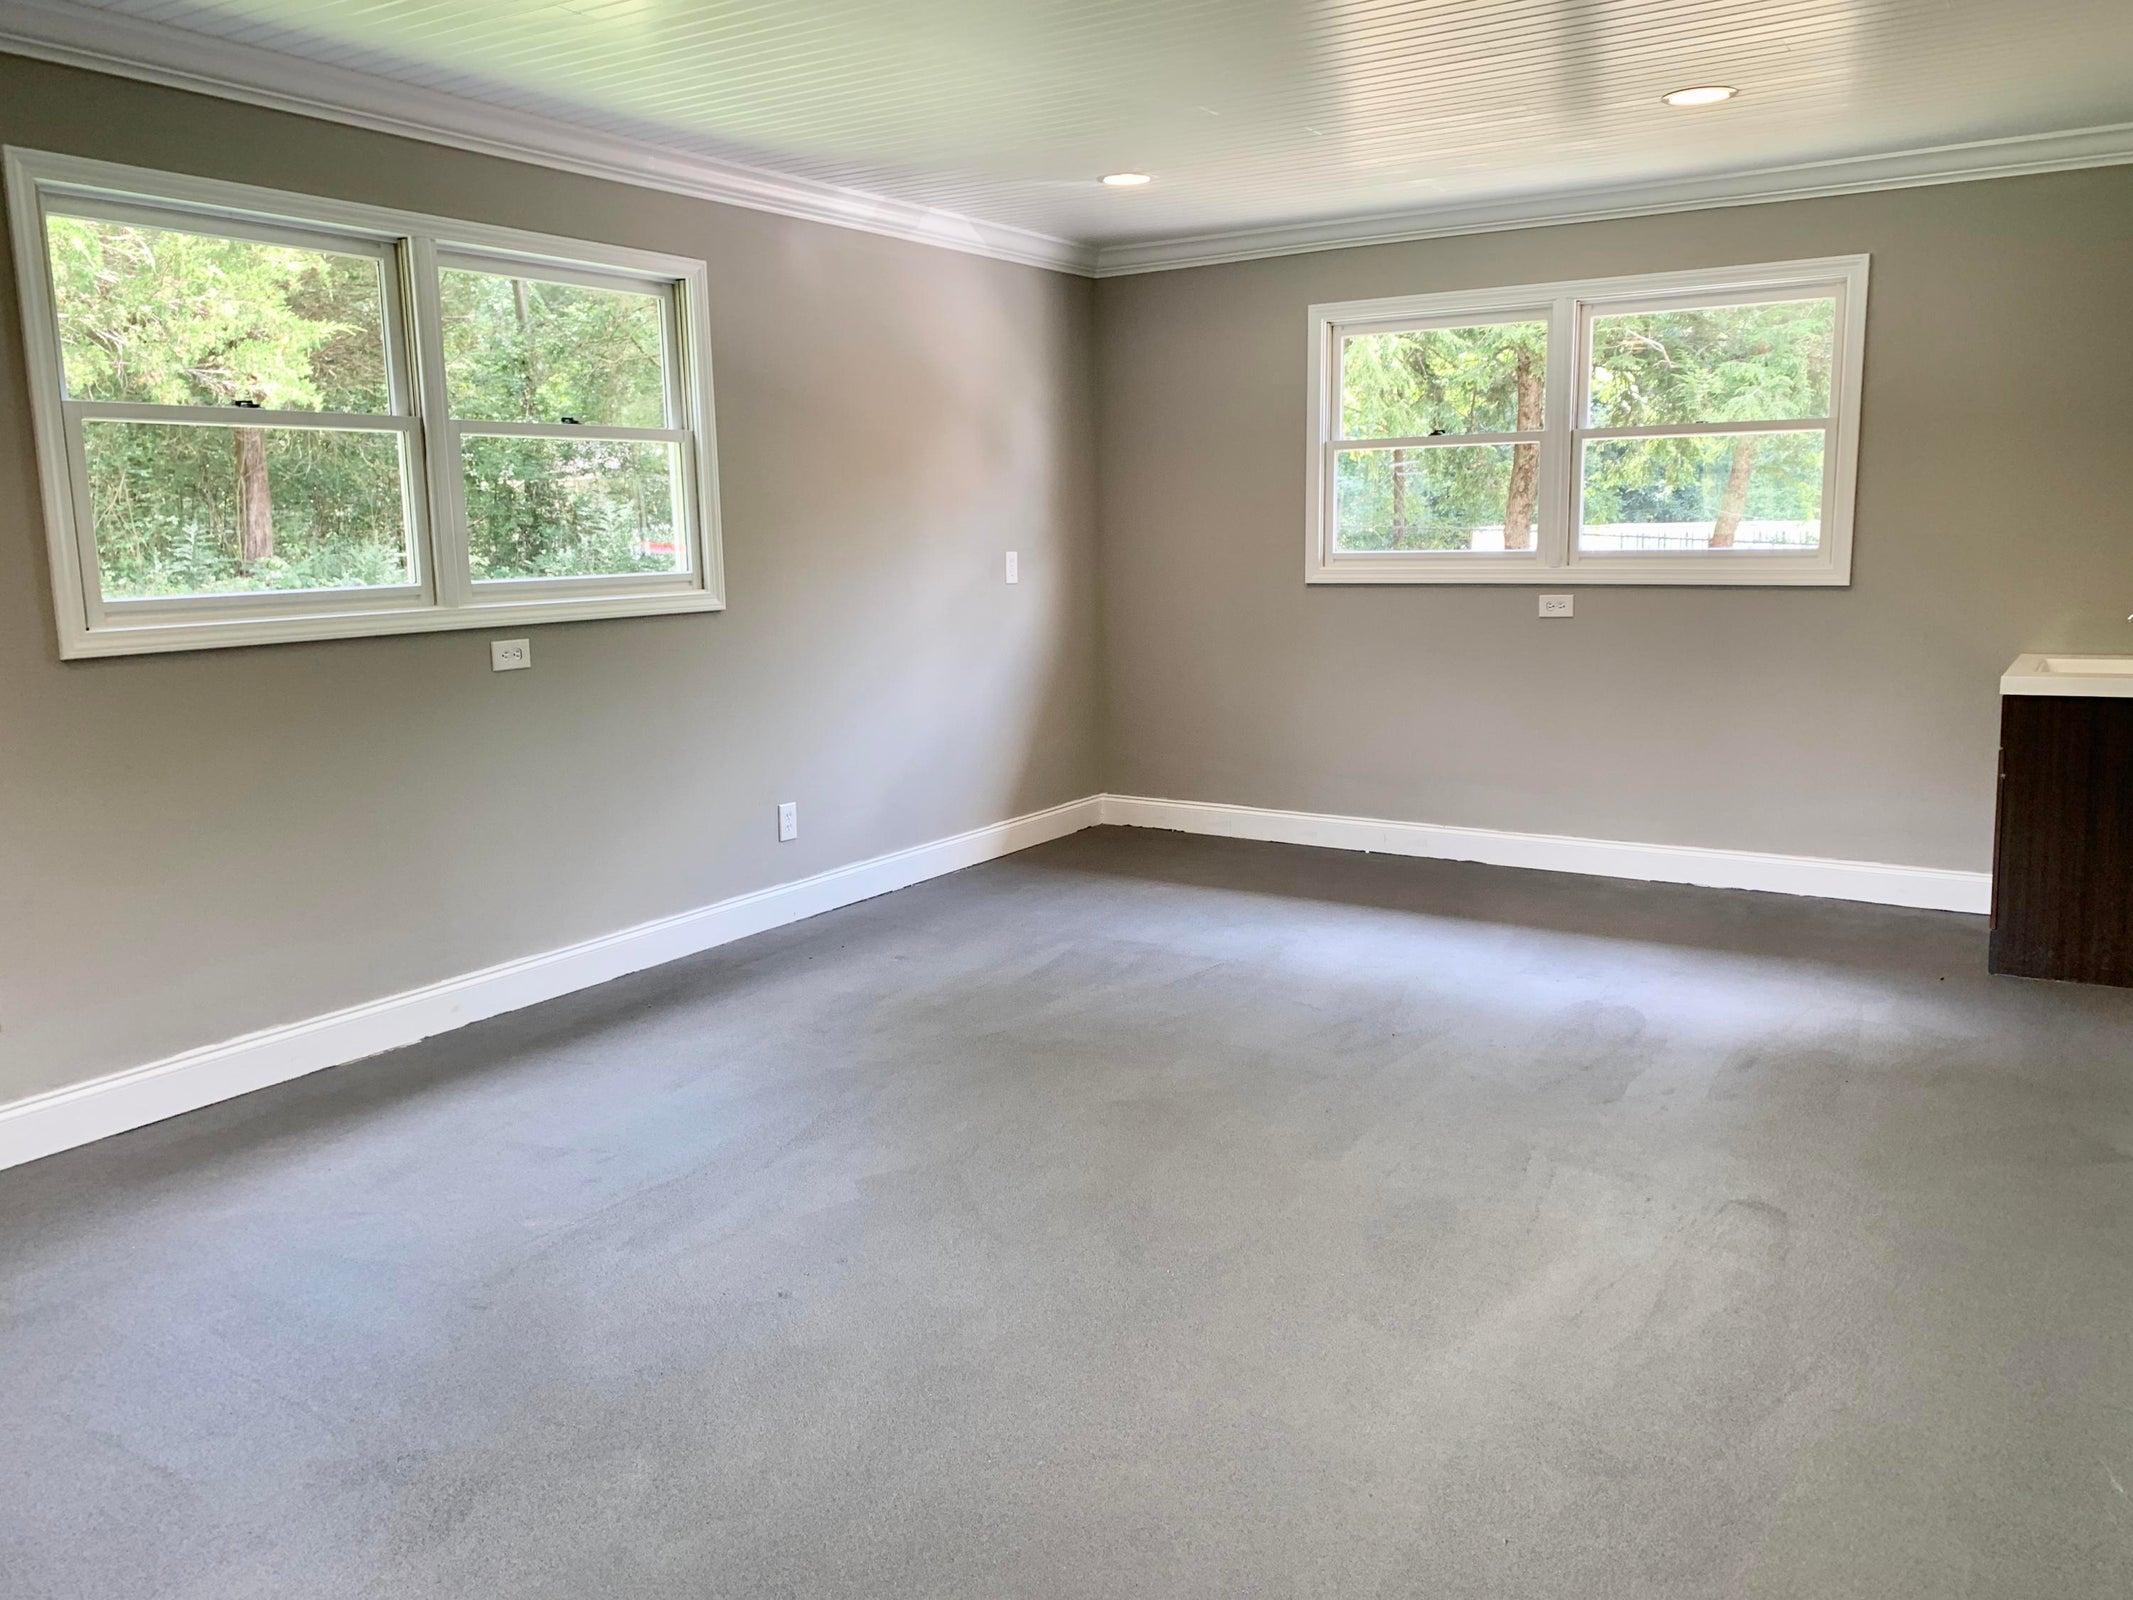 Detached flex room